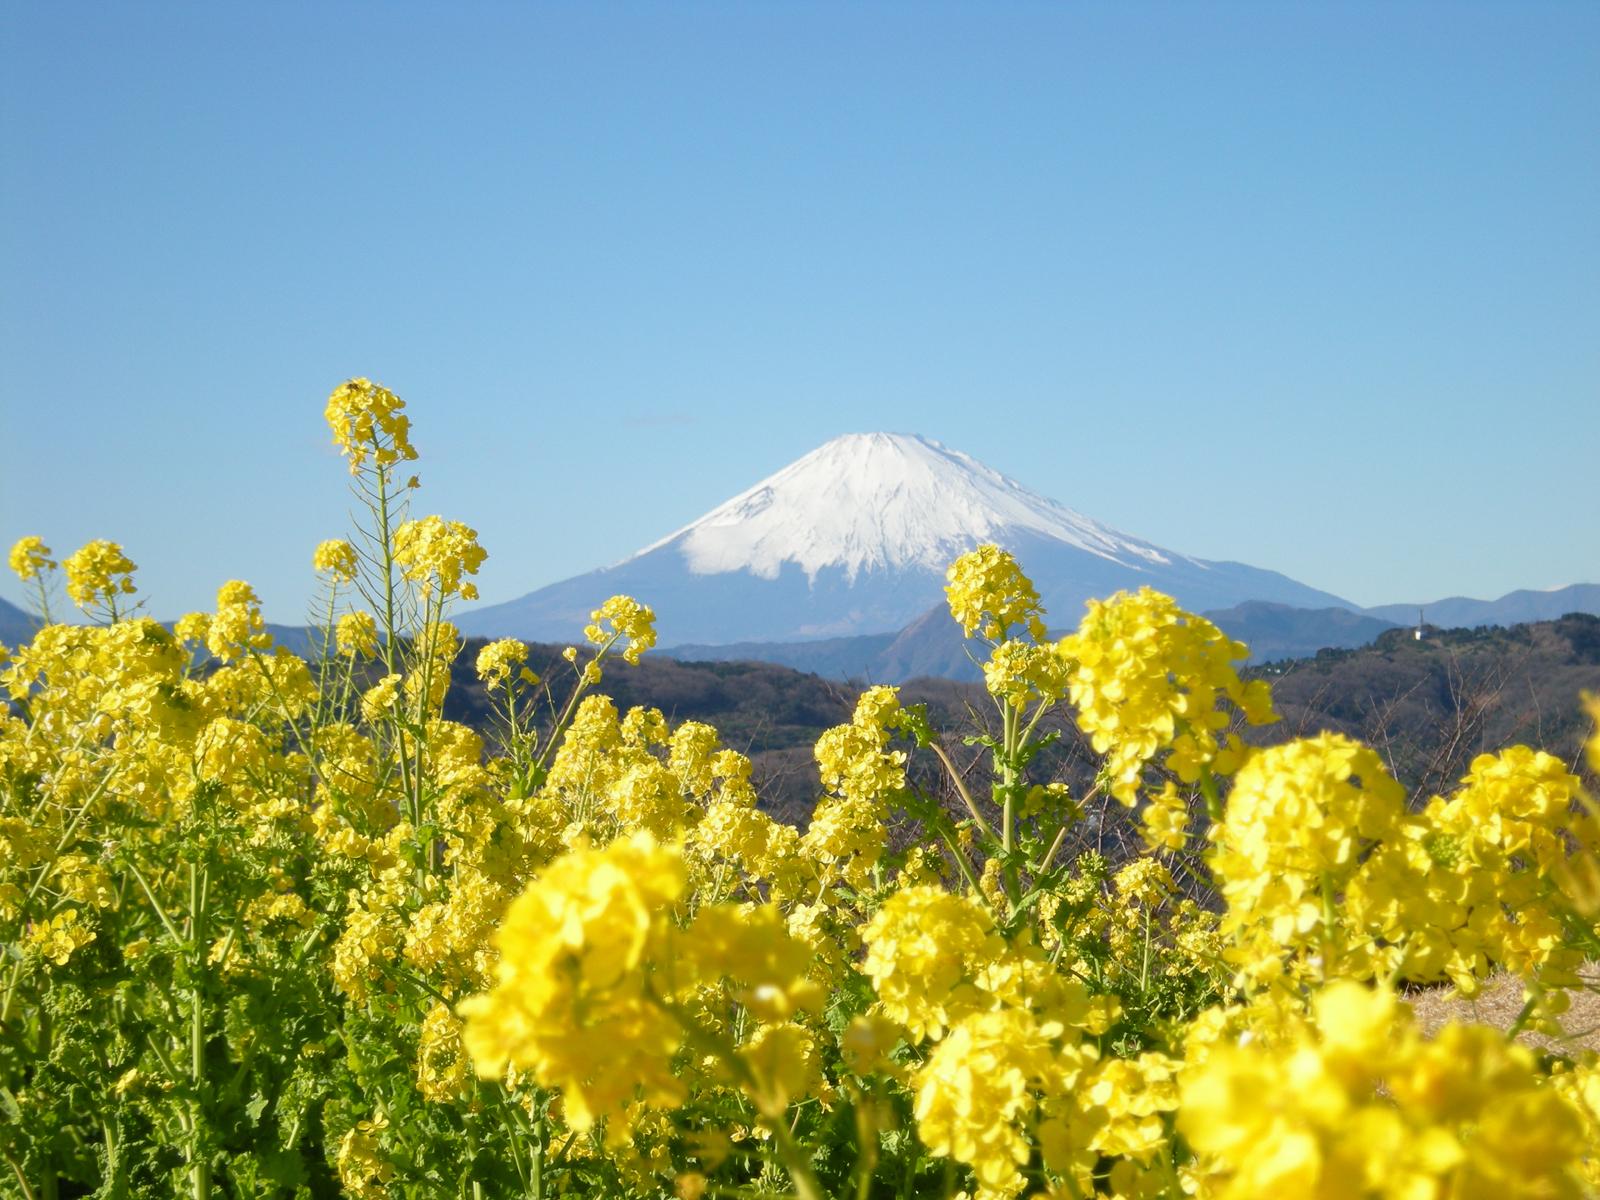 富士山と初日の出を写真に!ダイヤモンド富士のおすすめスポットや穴場も紹介!